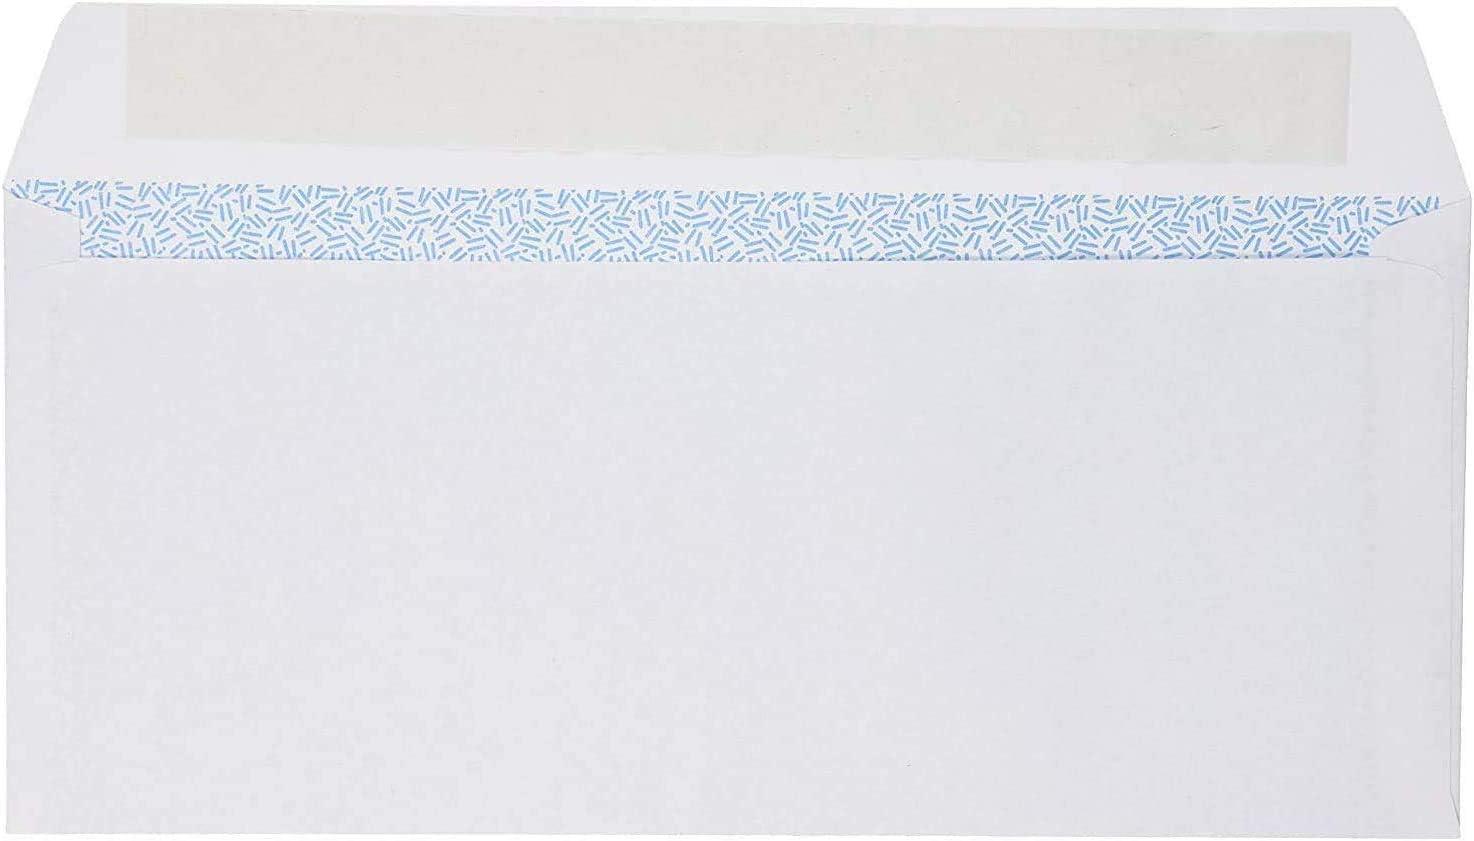 75026 Mead No.10 Envelopes Security Press-it Seal-it 4-1//8 X 9-1//2 #. 0 1-45//Box 45 Per Box White